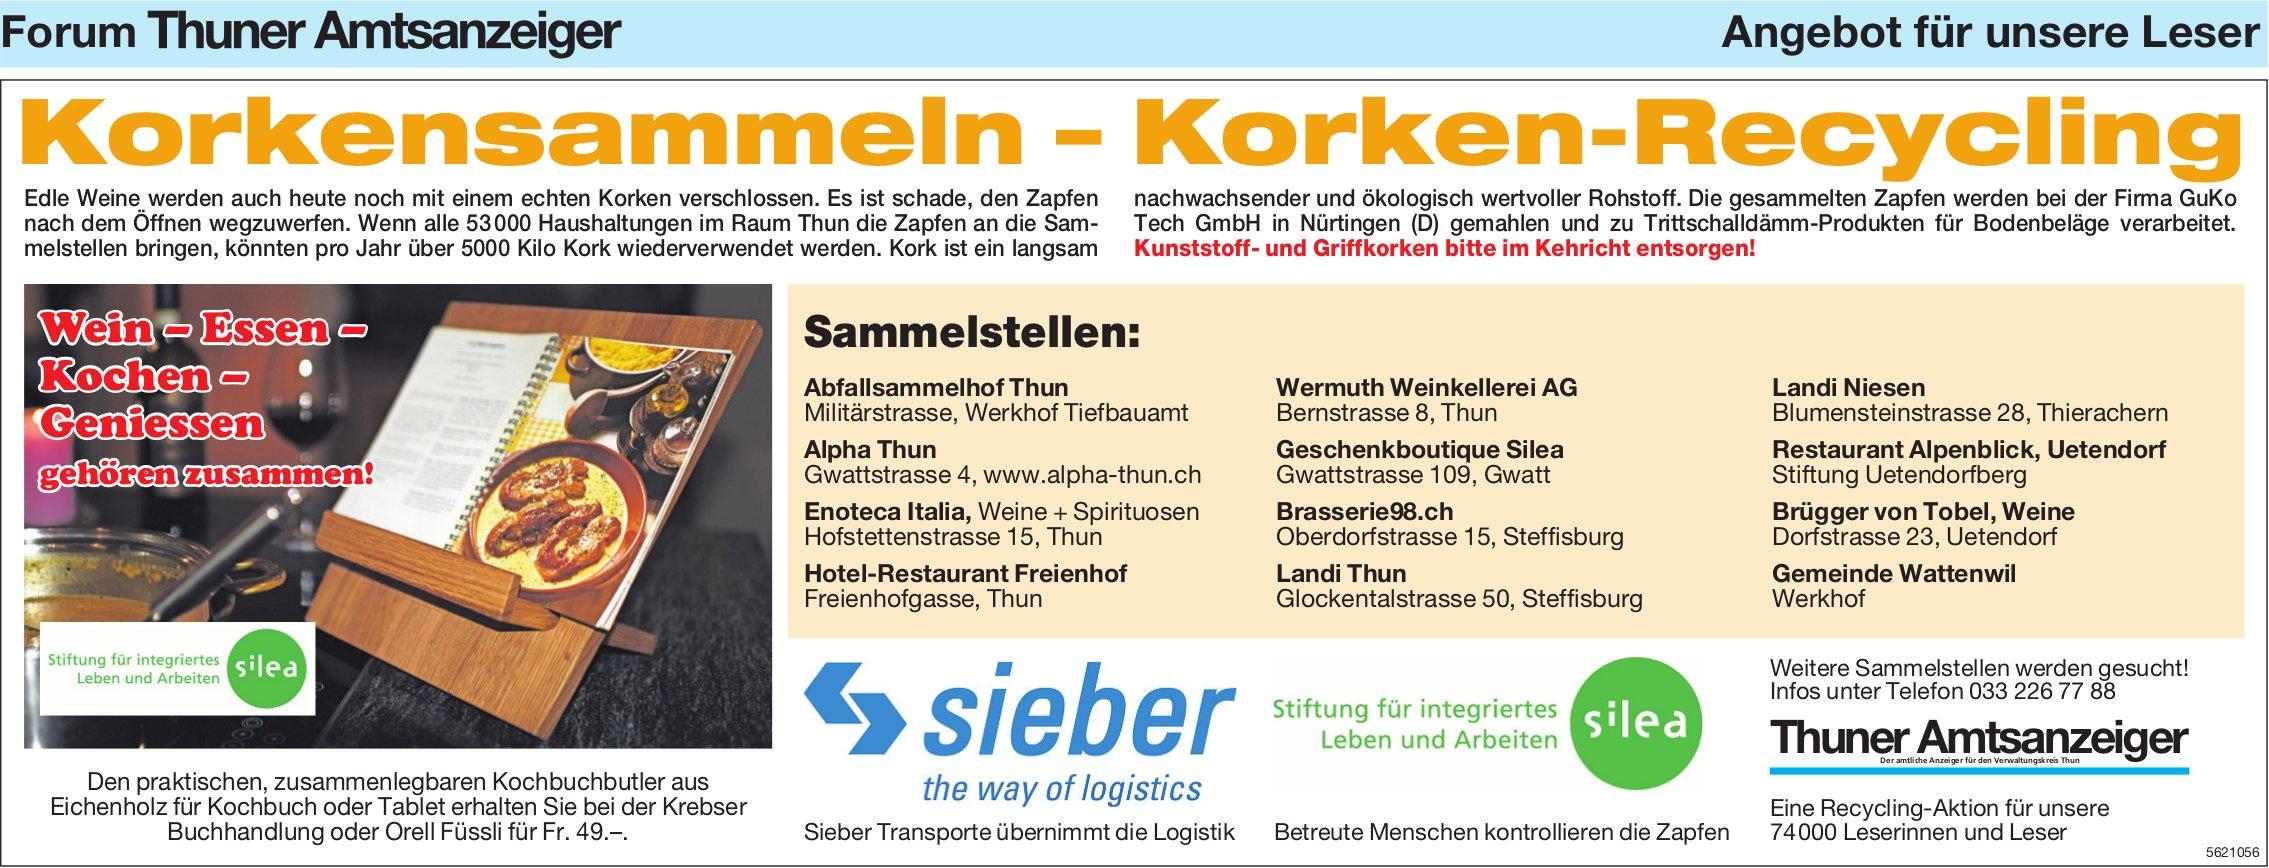 Forum Thuner Amtsanzeiger - Korkensammeln – Korken-Recycling